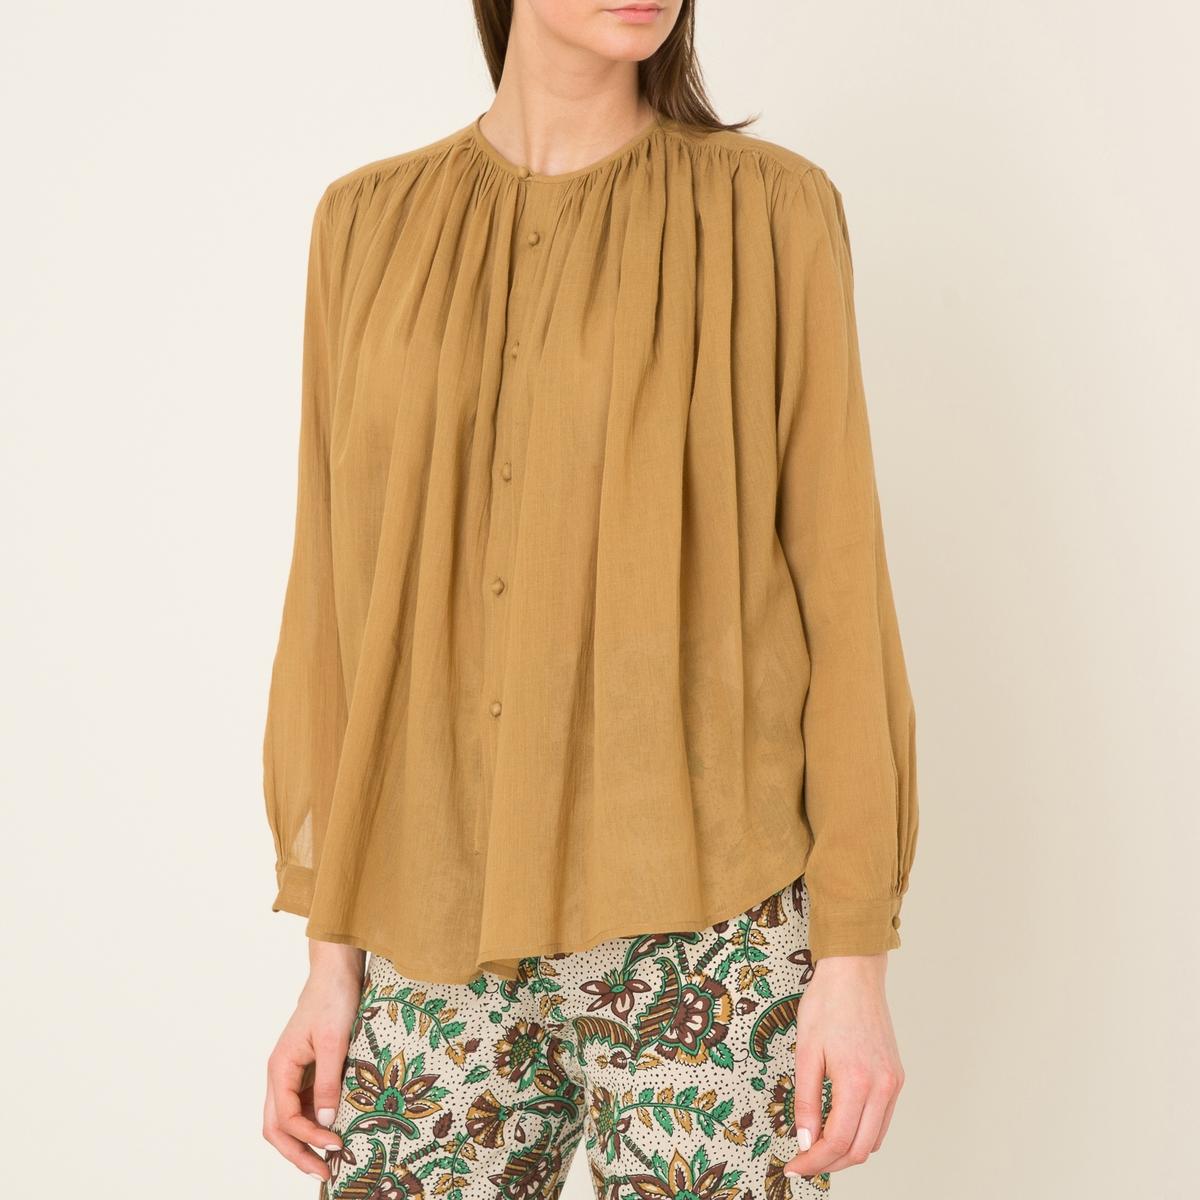 Рубашка объемнаяРубашка объемная  LAURENCE BRAS из хлопка .  Без воротника. Сборки ниже отрезных деталей на плечах . Обтянутые пуговицы. Длинные рукава. Закругленный низ. Состав и описание   Материал : 100% хлопок   Марка : LAURENCE BRAS<br><br>Цвет: зеленый,темно-бежевый